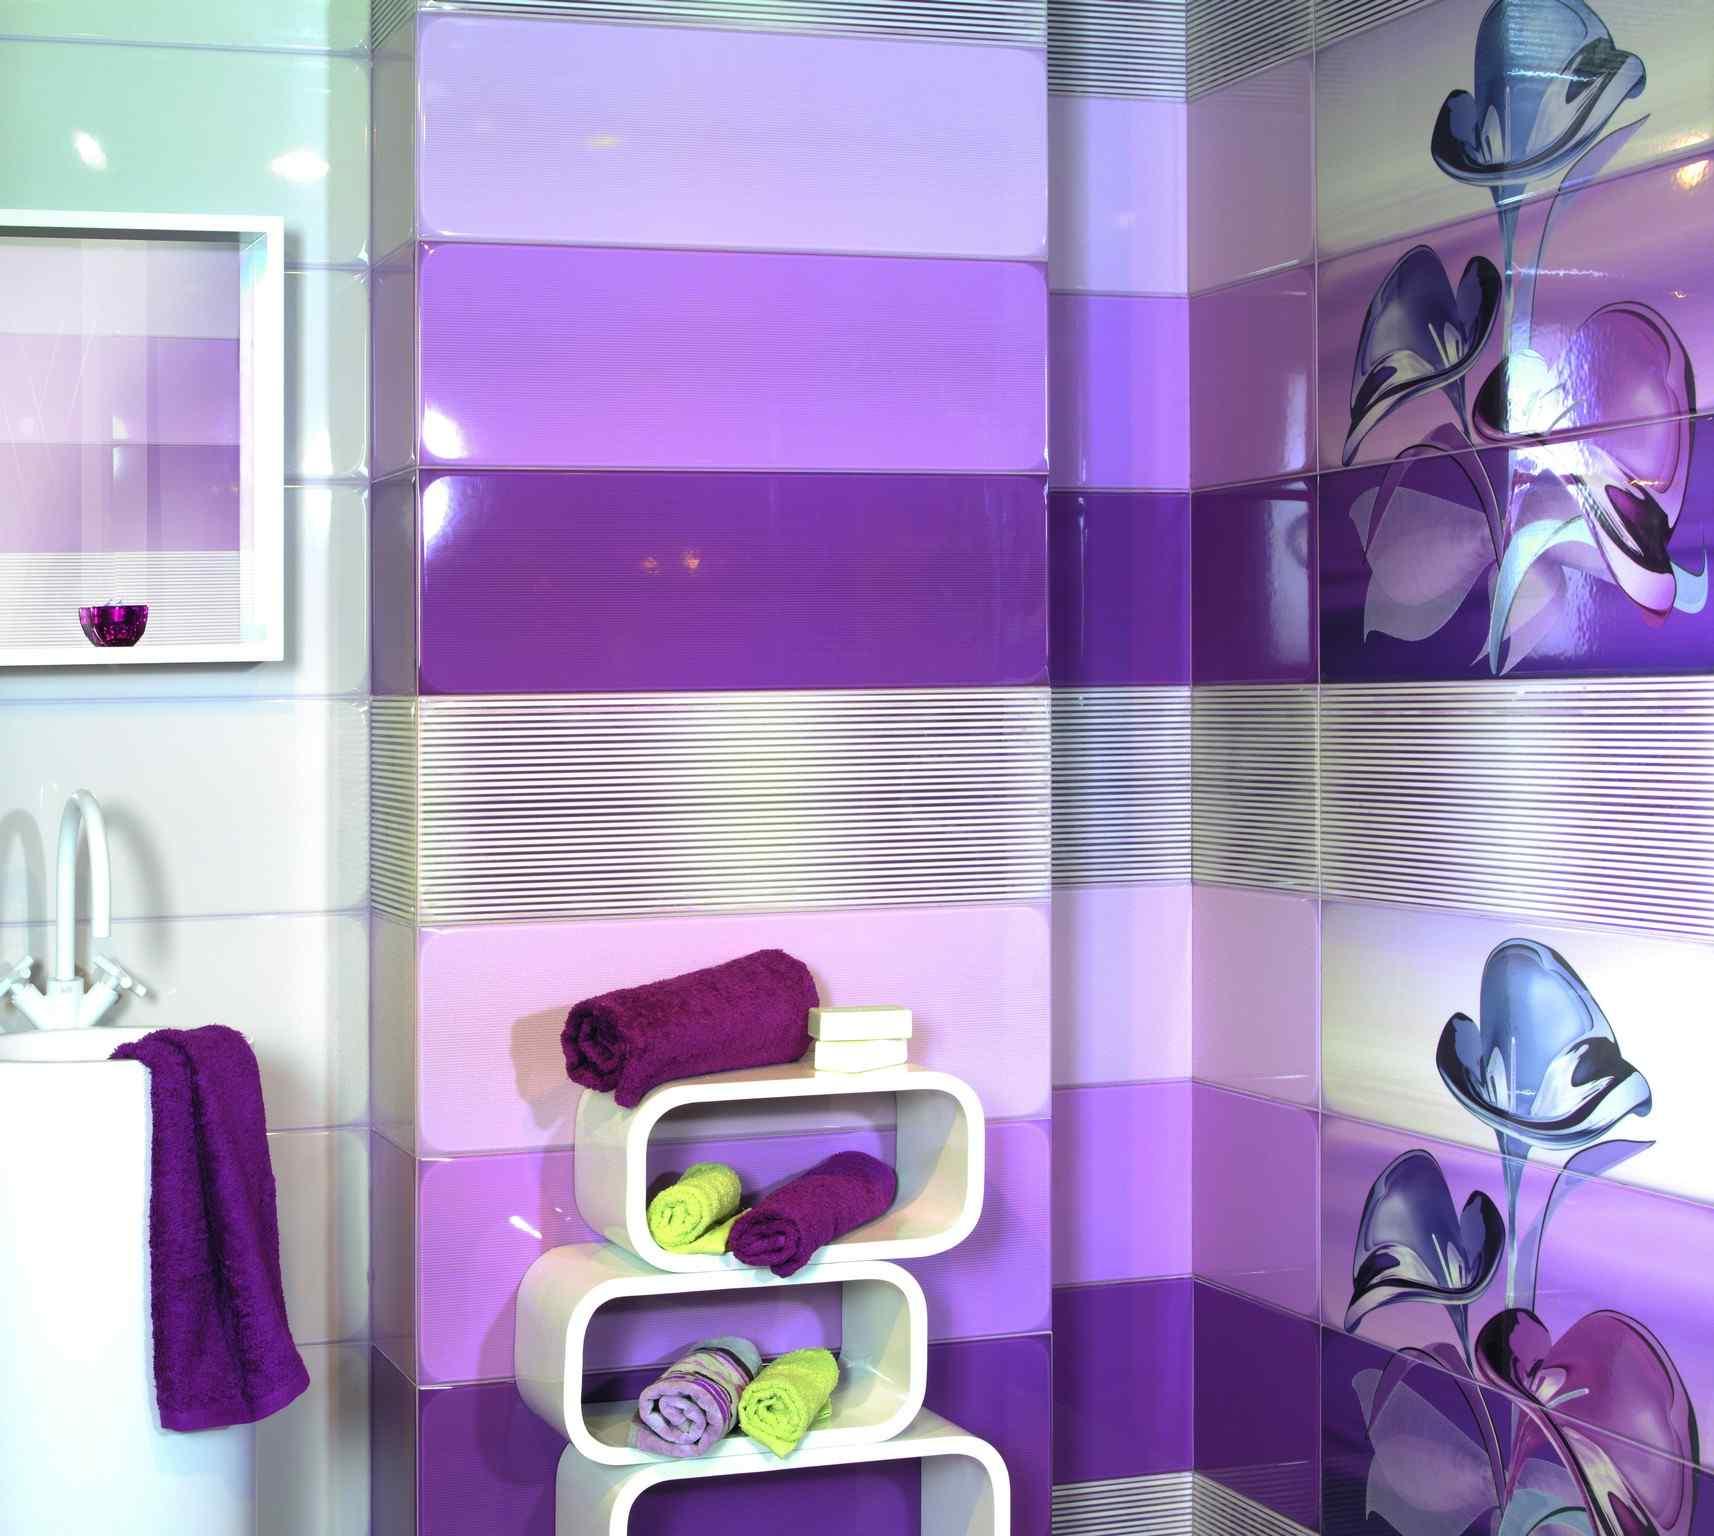 Сиренево-фиолетовый дизайн стен в ванной